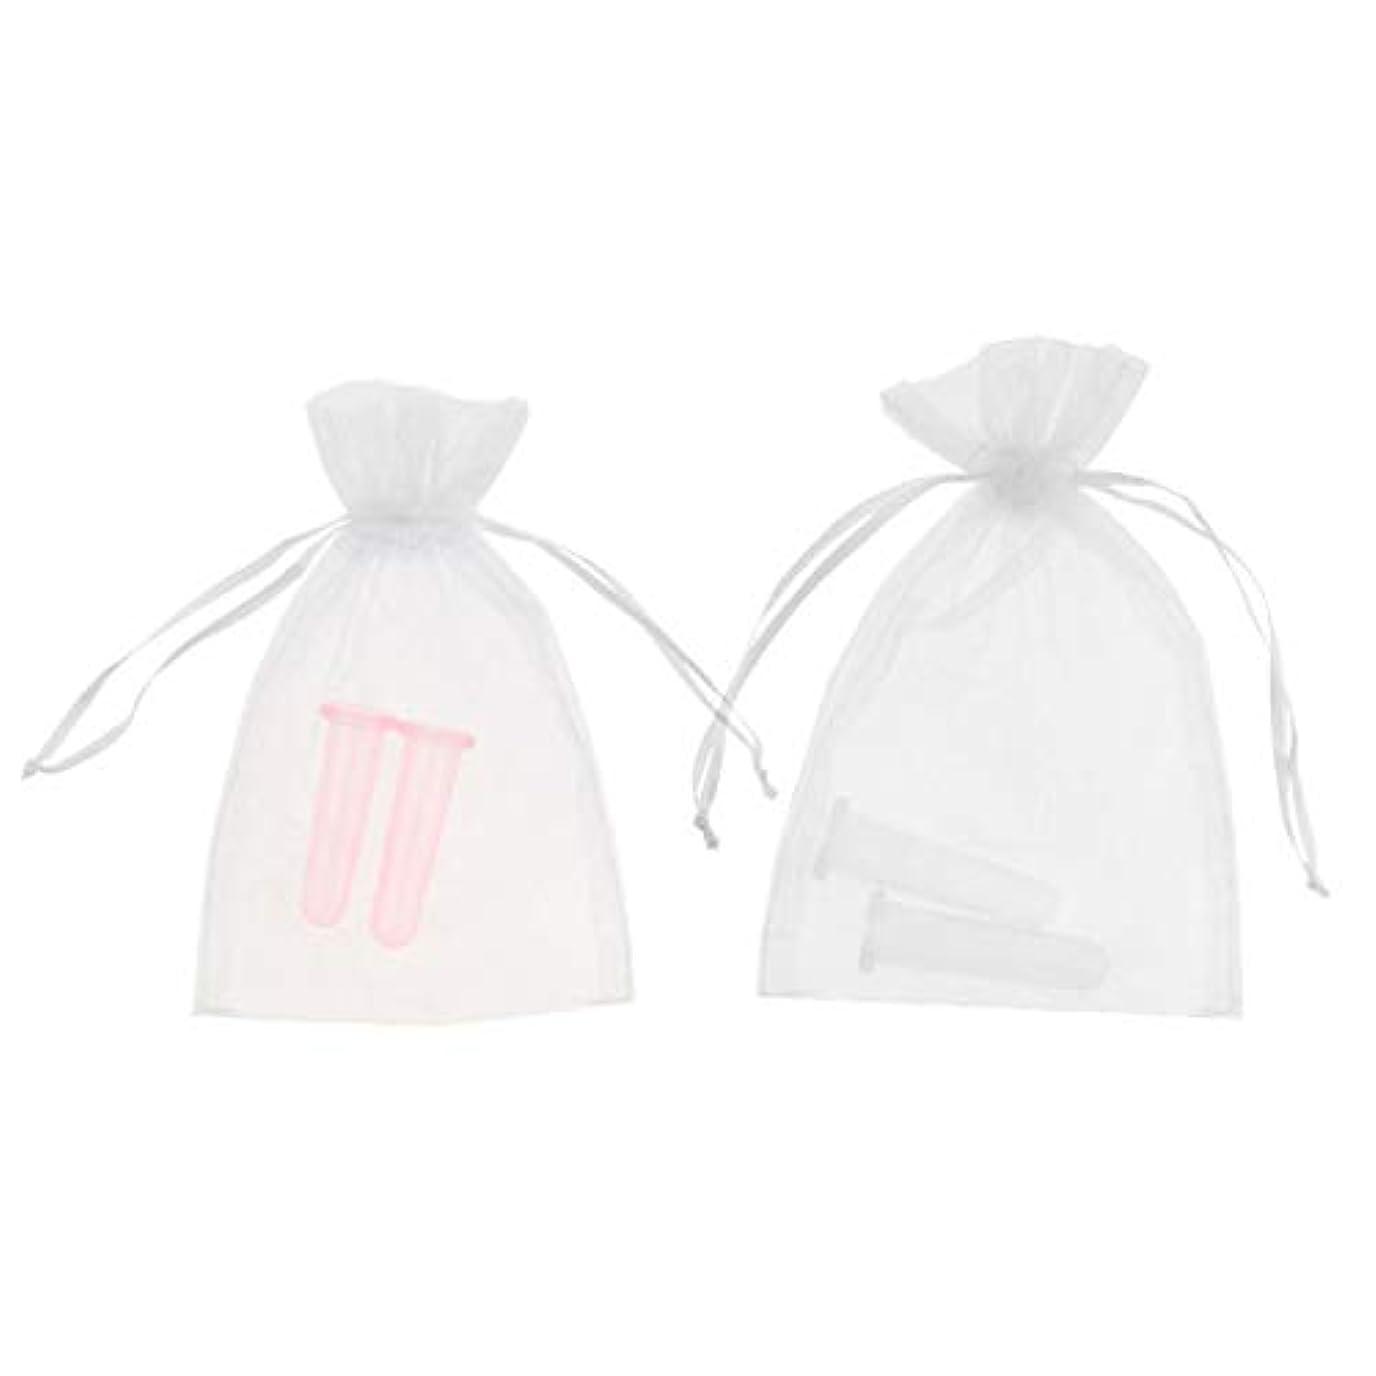 こねる増幅クリックシリコーン素材 顔 首用 マッサージ 吸い玉 カッピングカップ 2個 収納ポーチ 高品質